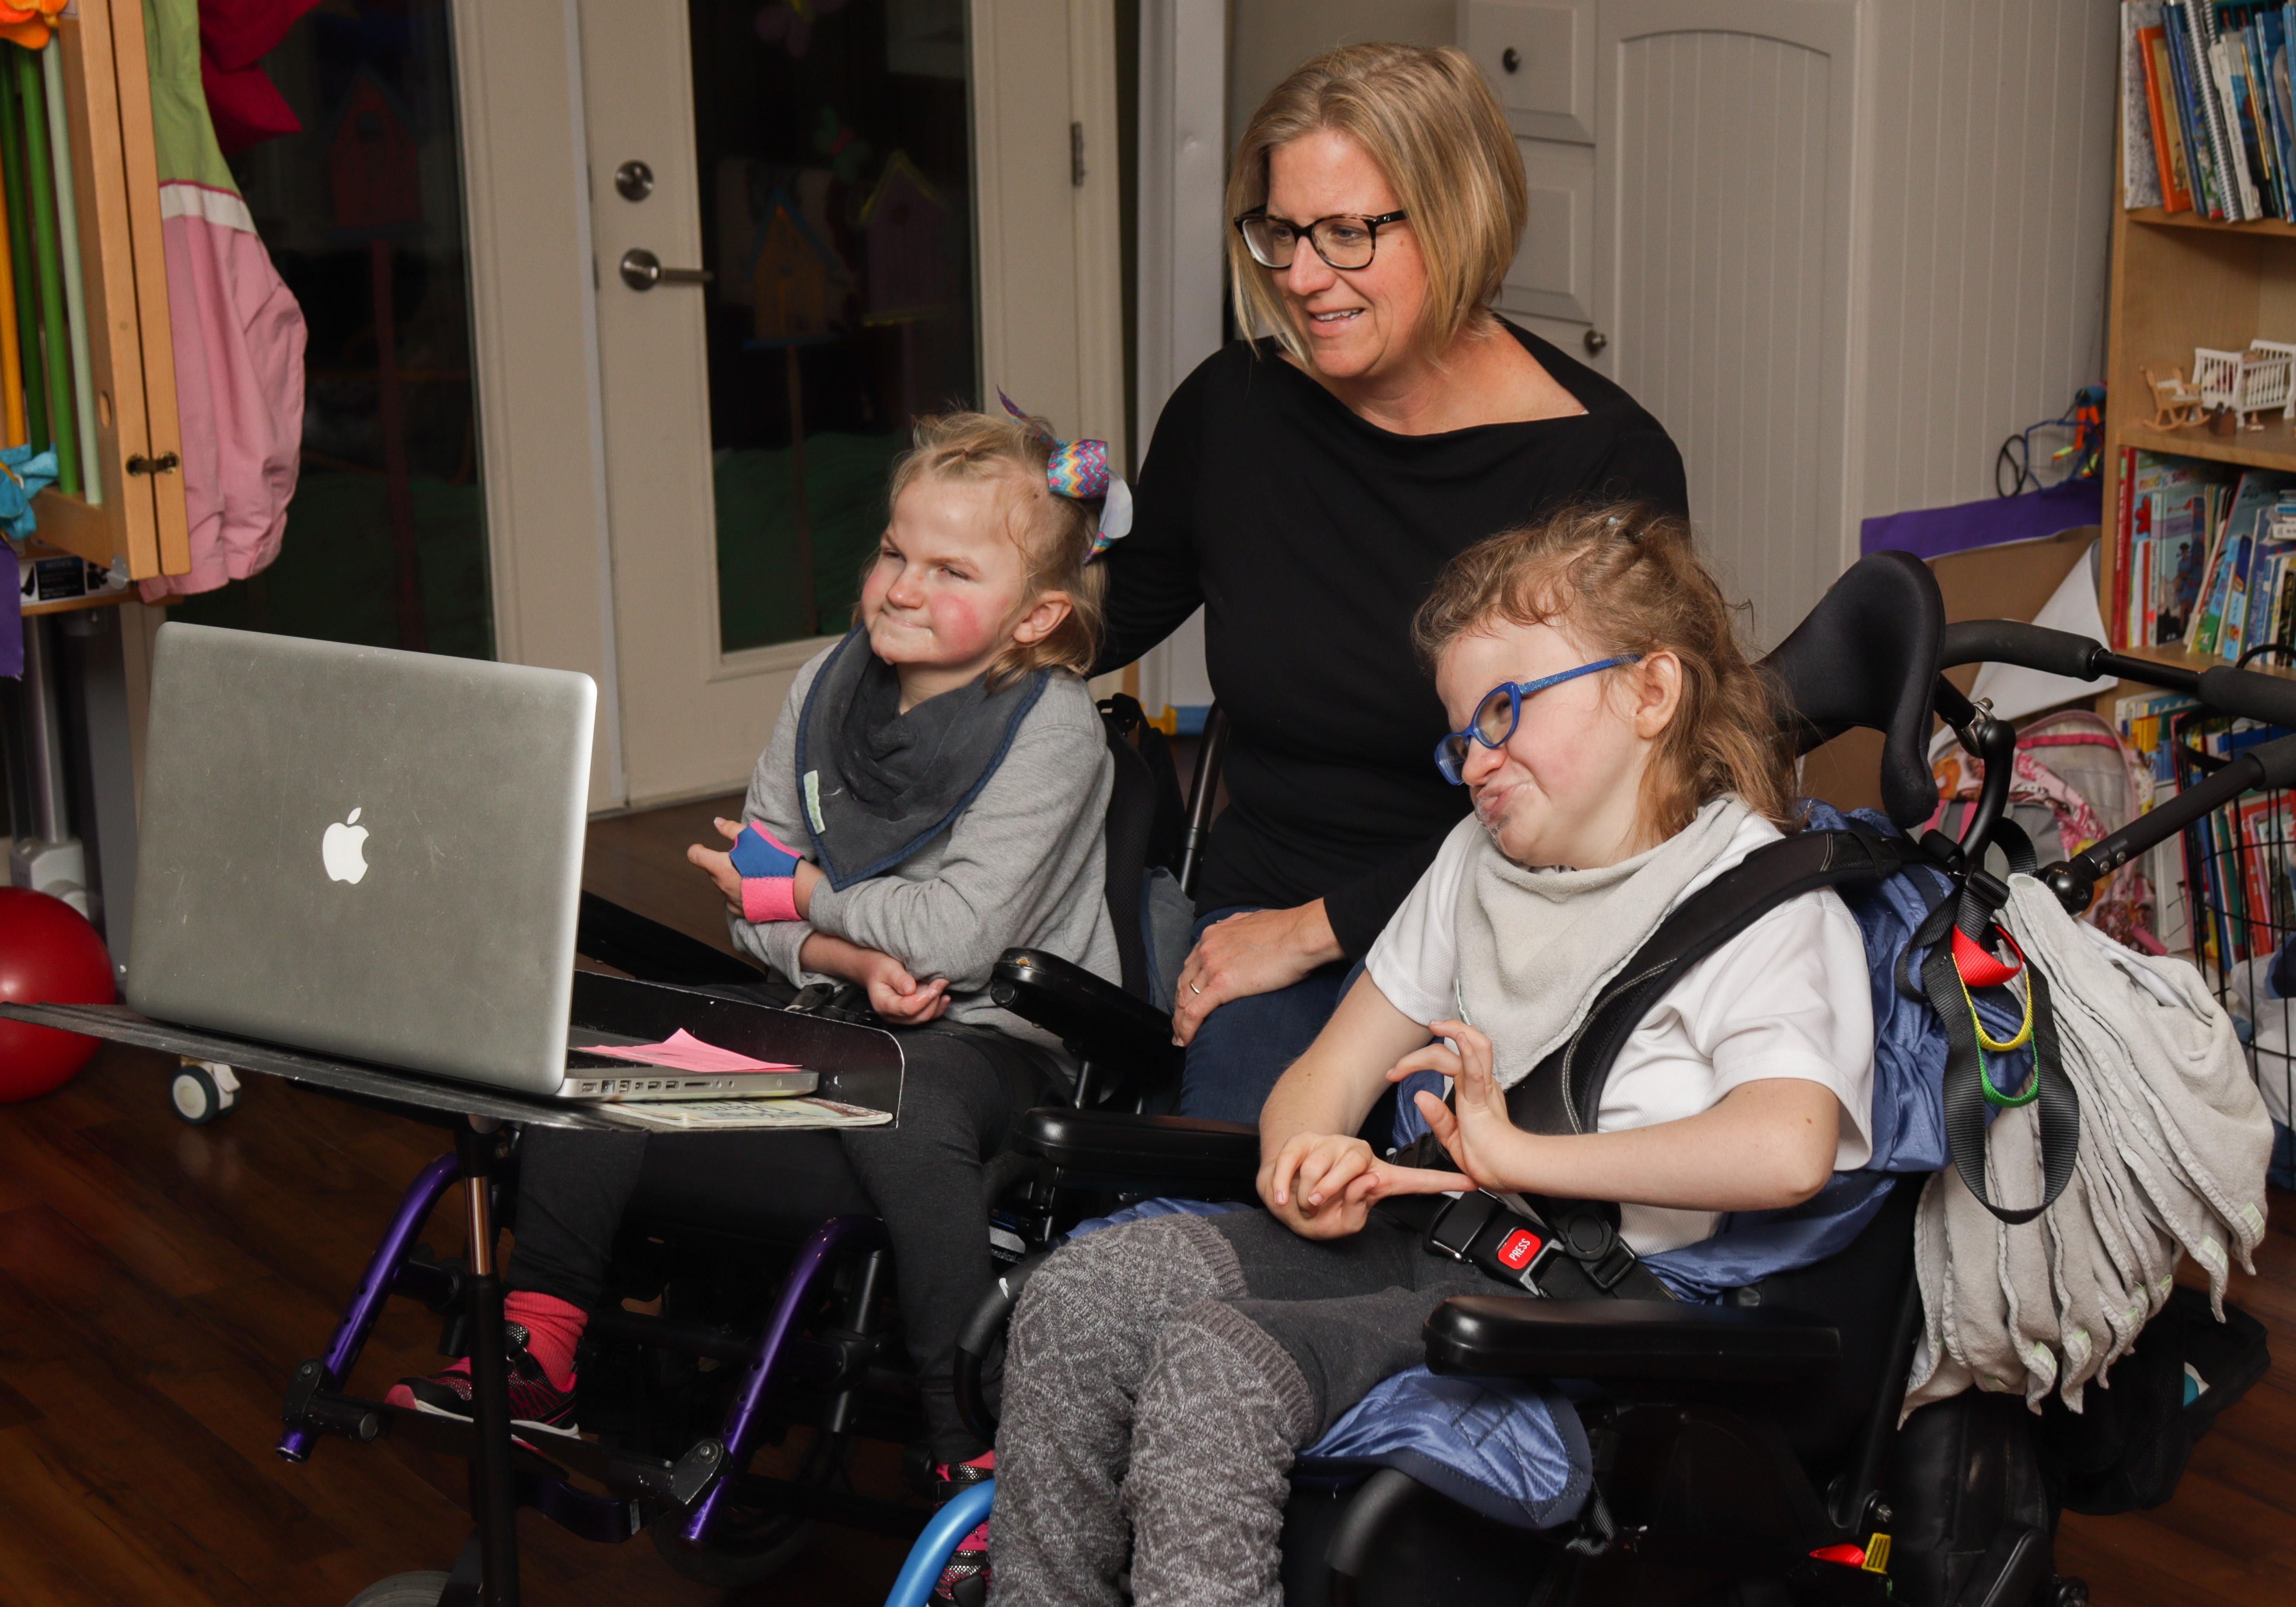 Les soins virtuels, une expérience complètement nouvelle pour la famille Pot, fait maintenant partie du quotidien. Comme elle n'a plus à consacrer des journées entières à des allers-retours épuisants, la famille économise temps et énergie